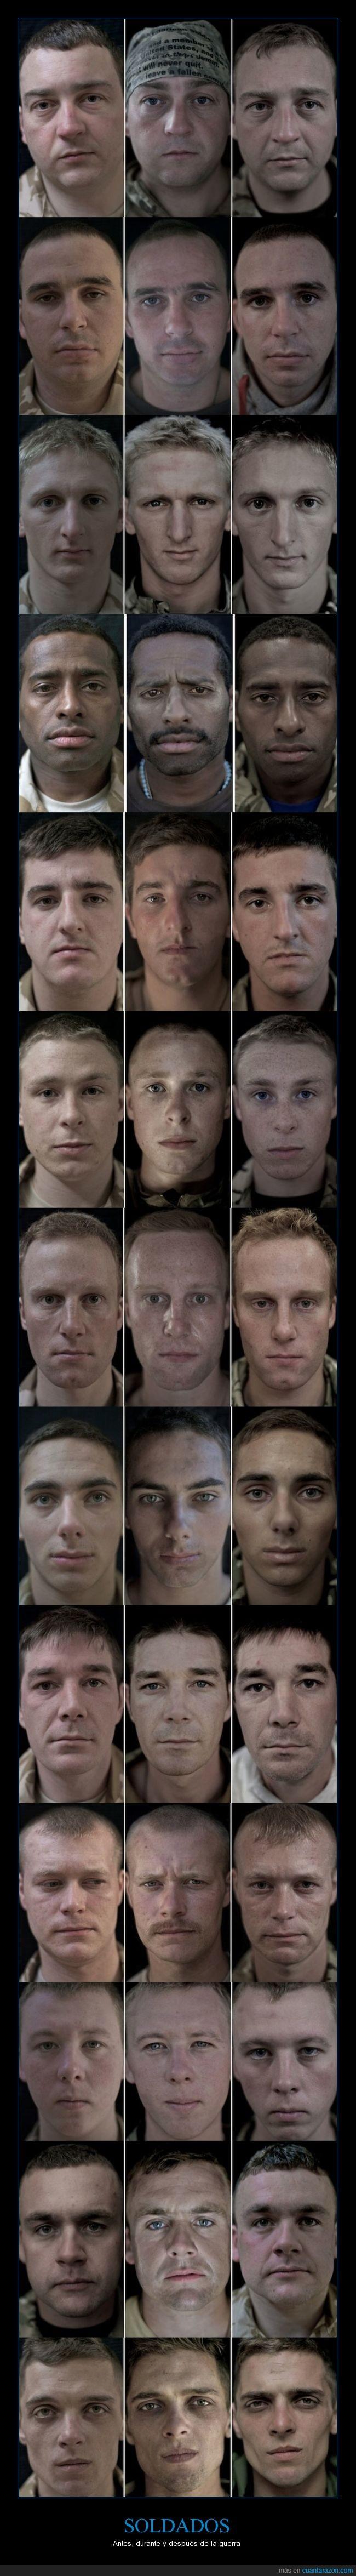 antes,despues,durante,fotografía,guerra,lalage snow,soldado